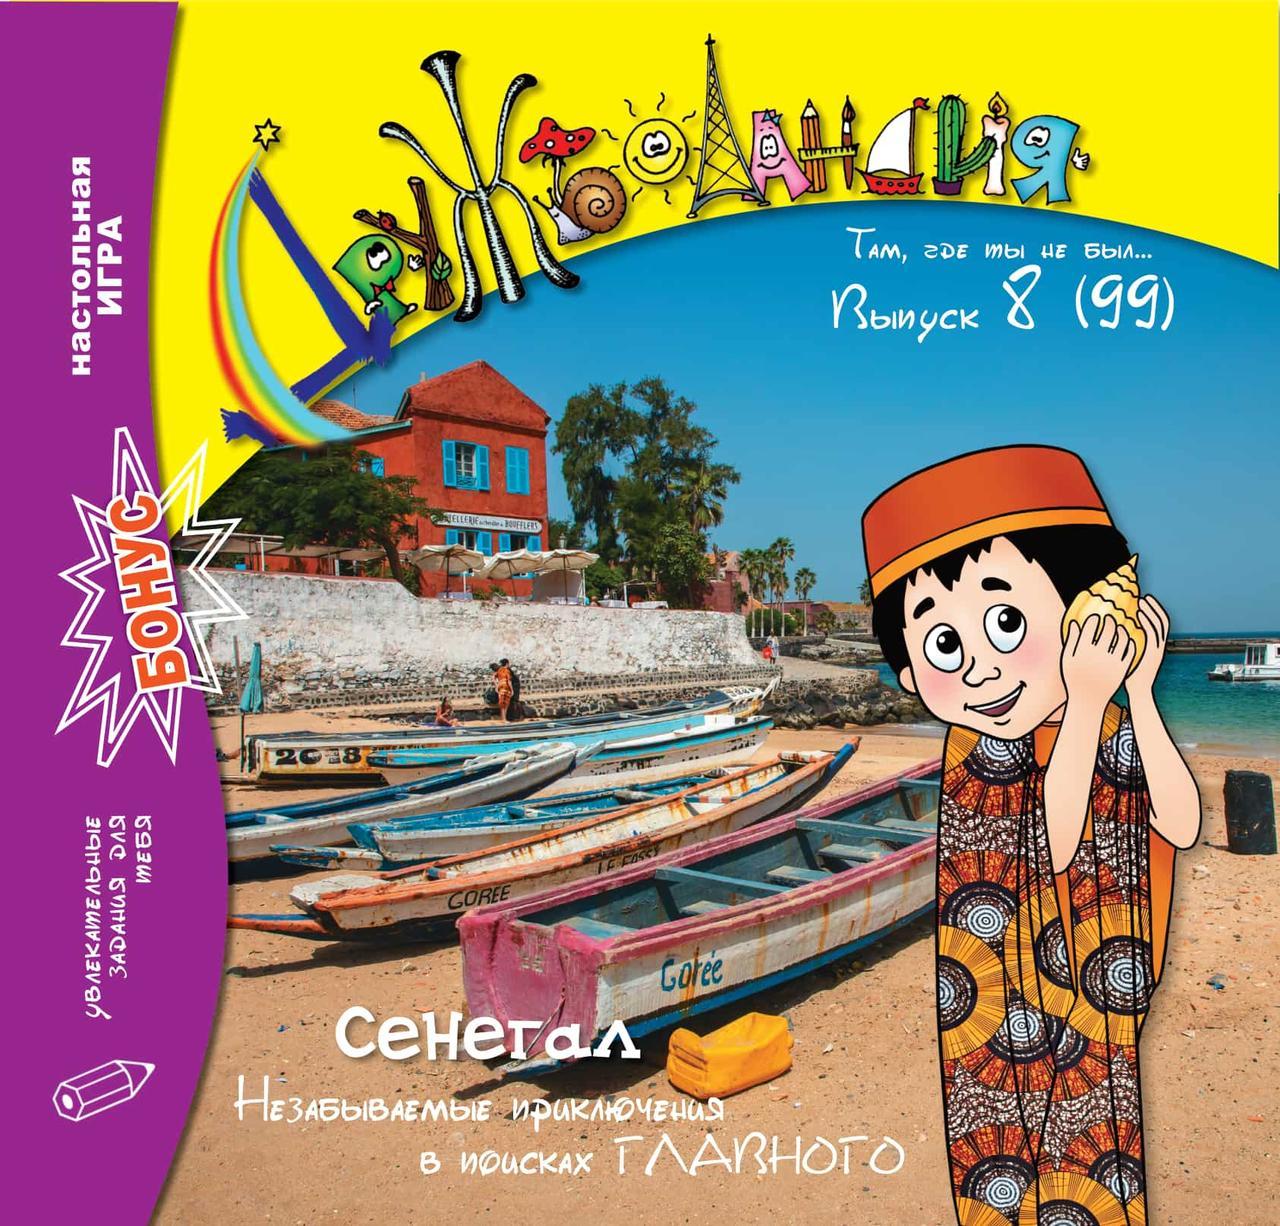 Дружболандія № 8-2020 (укр.) – Сенегал